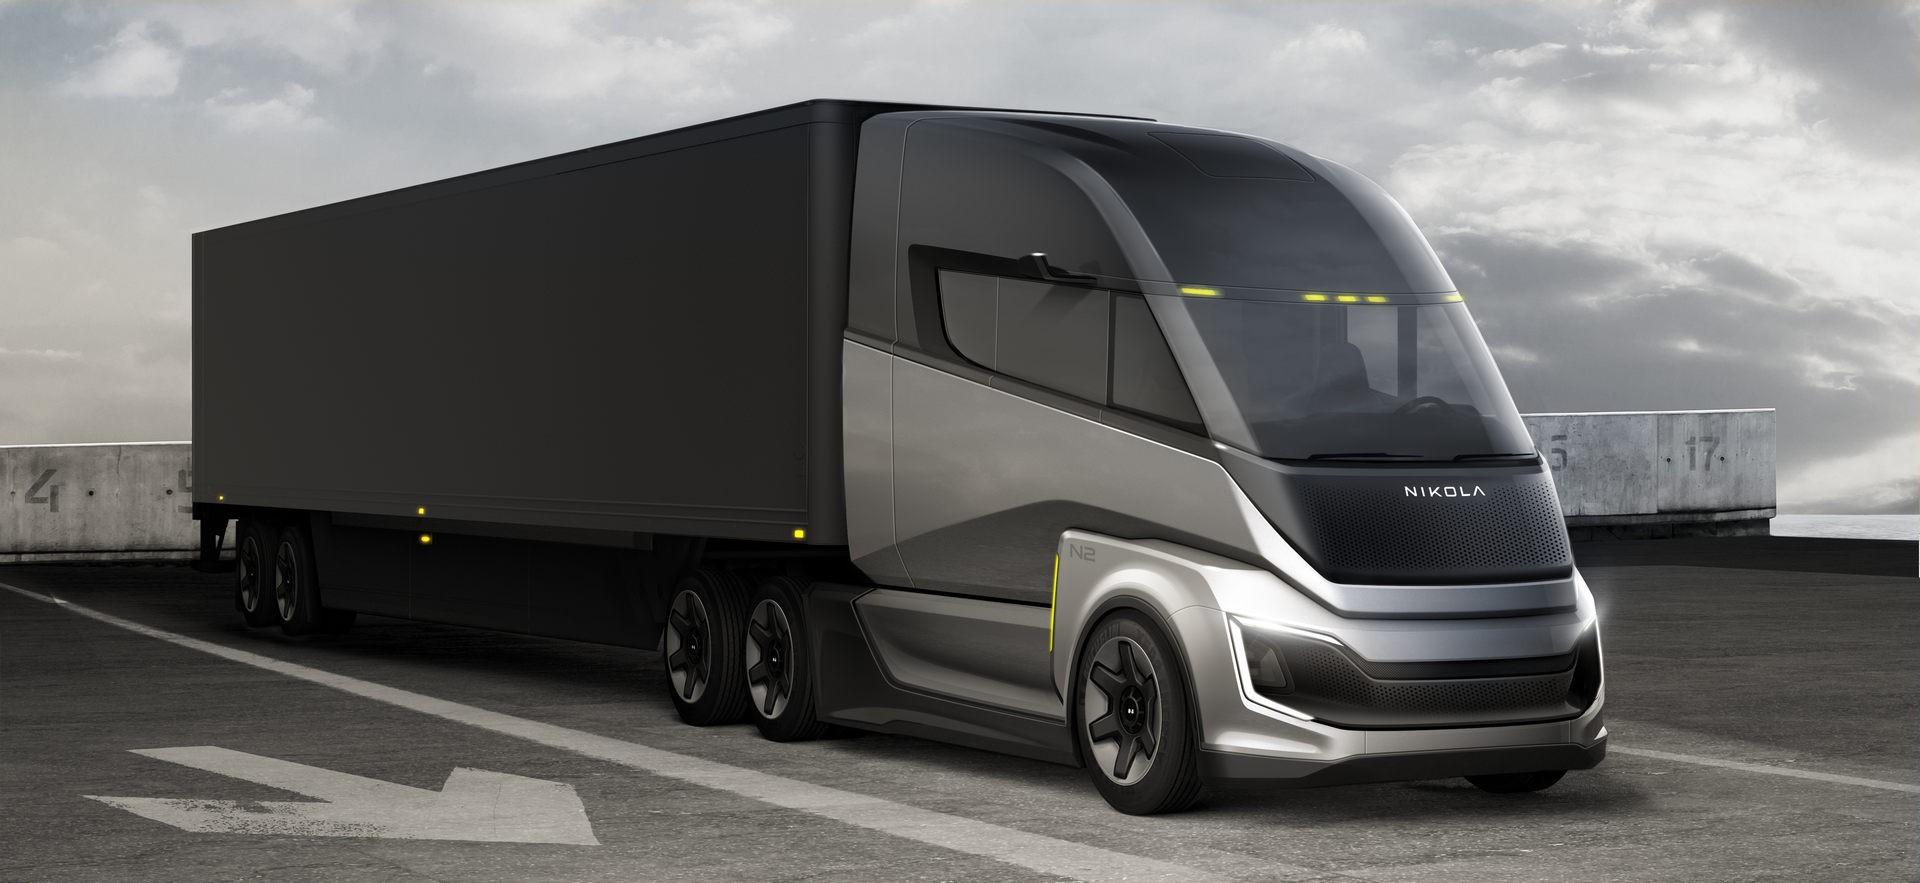 尼古拉详述了其电动和氢燃料卡车的计划